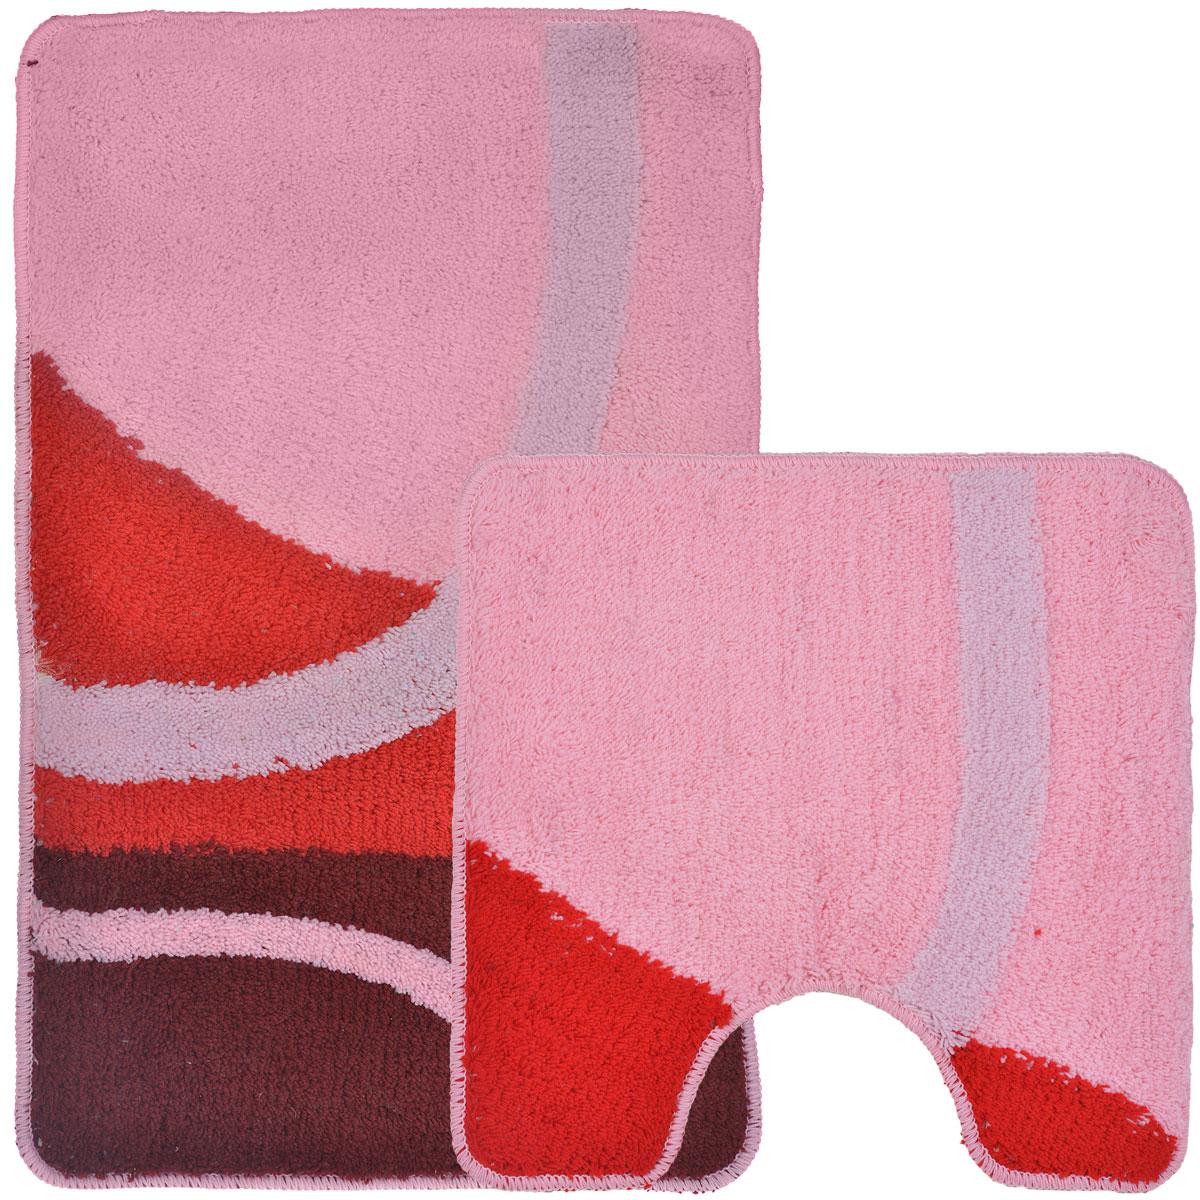 Комплект ковриков для ванной и туалета Fresh Code, цвет: розовый, красный, 2 предмета68/5/3Комплект Fresh Code состоит из коврика для ванной комнаты и туалета. Коврики изготовлены из акрила и оформлены узором. Это экологически чистый, быстросохнущий, мягкий и износостойкий материал. Красители устойчивы, поэтому коврики не потускнеют даже после многократных стирок в стиральной машине. Благодаря латексной основе коврики не скользят на полу. Края изделий обработаны оверлоком. Можно использовать на полу с подогревом. Набор для ванной Fresh Code подарит ощущение тепла и комфорта, а также привнесет уют в вашу ванную комнату.Высота ворса: 1 см.Размер коврика для ванной комнаты: 80 см х 50 см.Размер коврика для туалета: 50 см х 50 см.